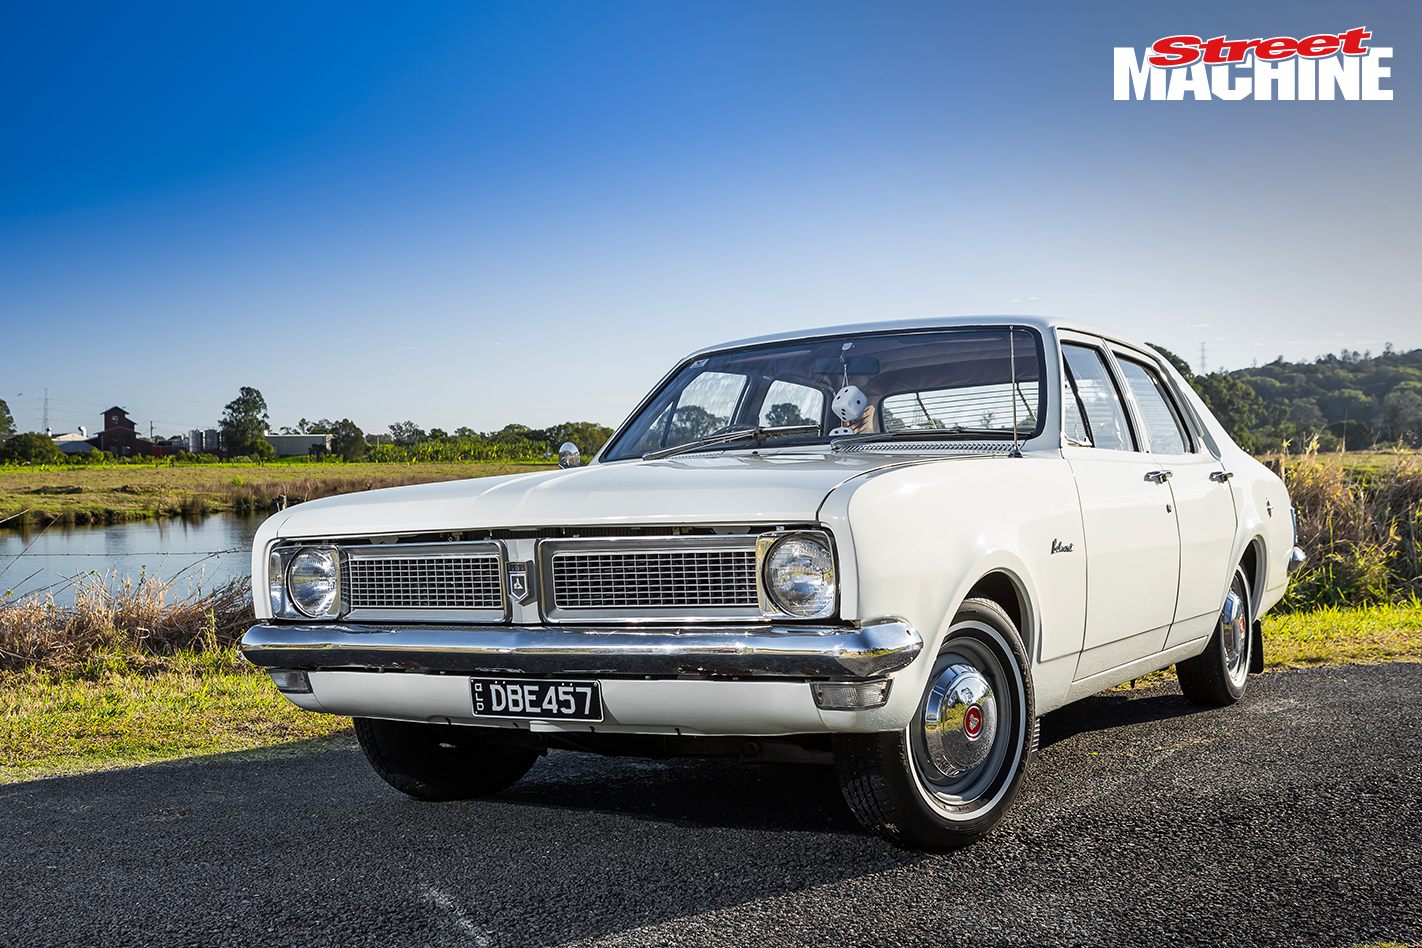 HG Holden Belmont Barra Turbo 4